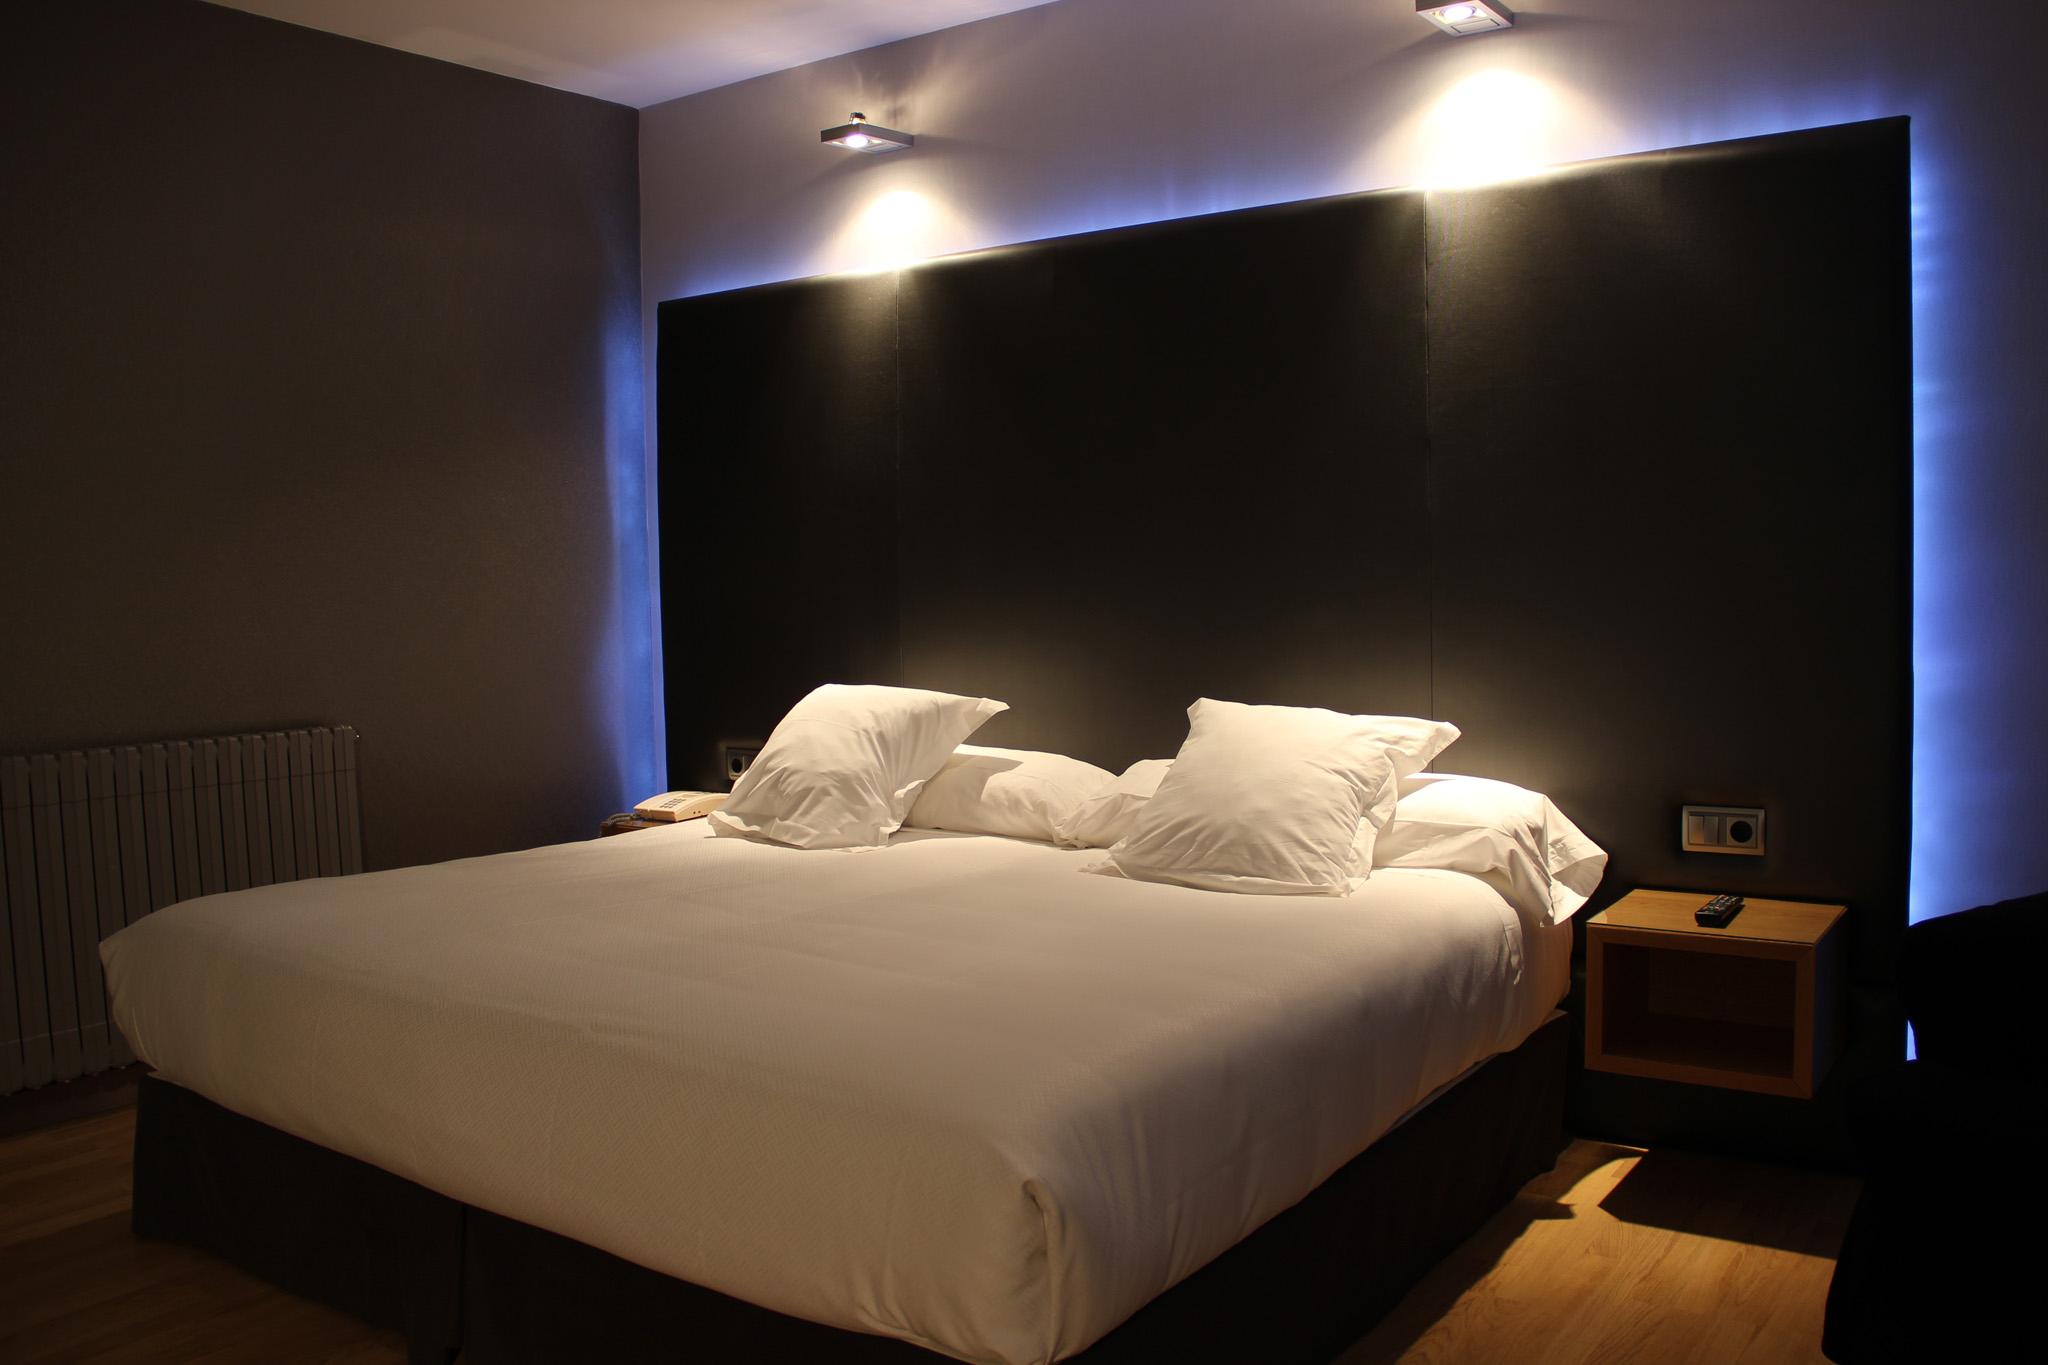 Galeria de fotos hotel chiqui santander website oficial for Paginas para disenar habitaciones